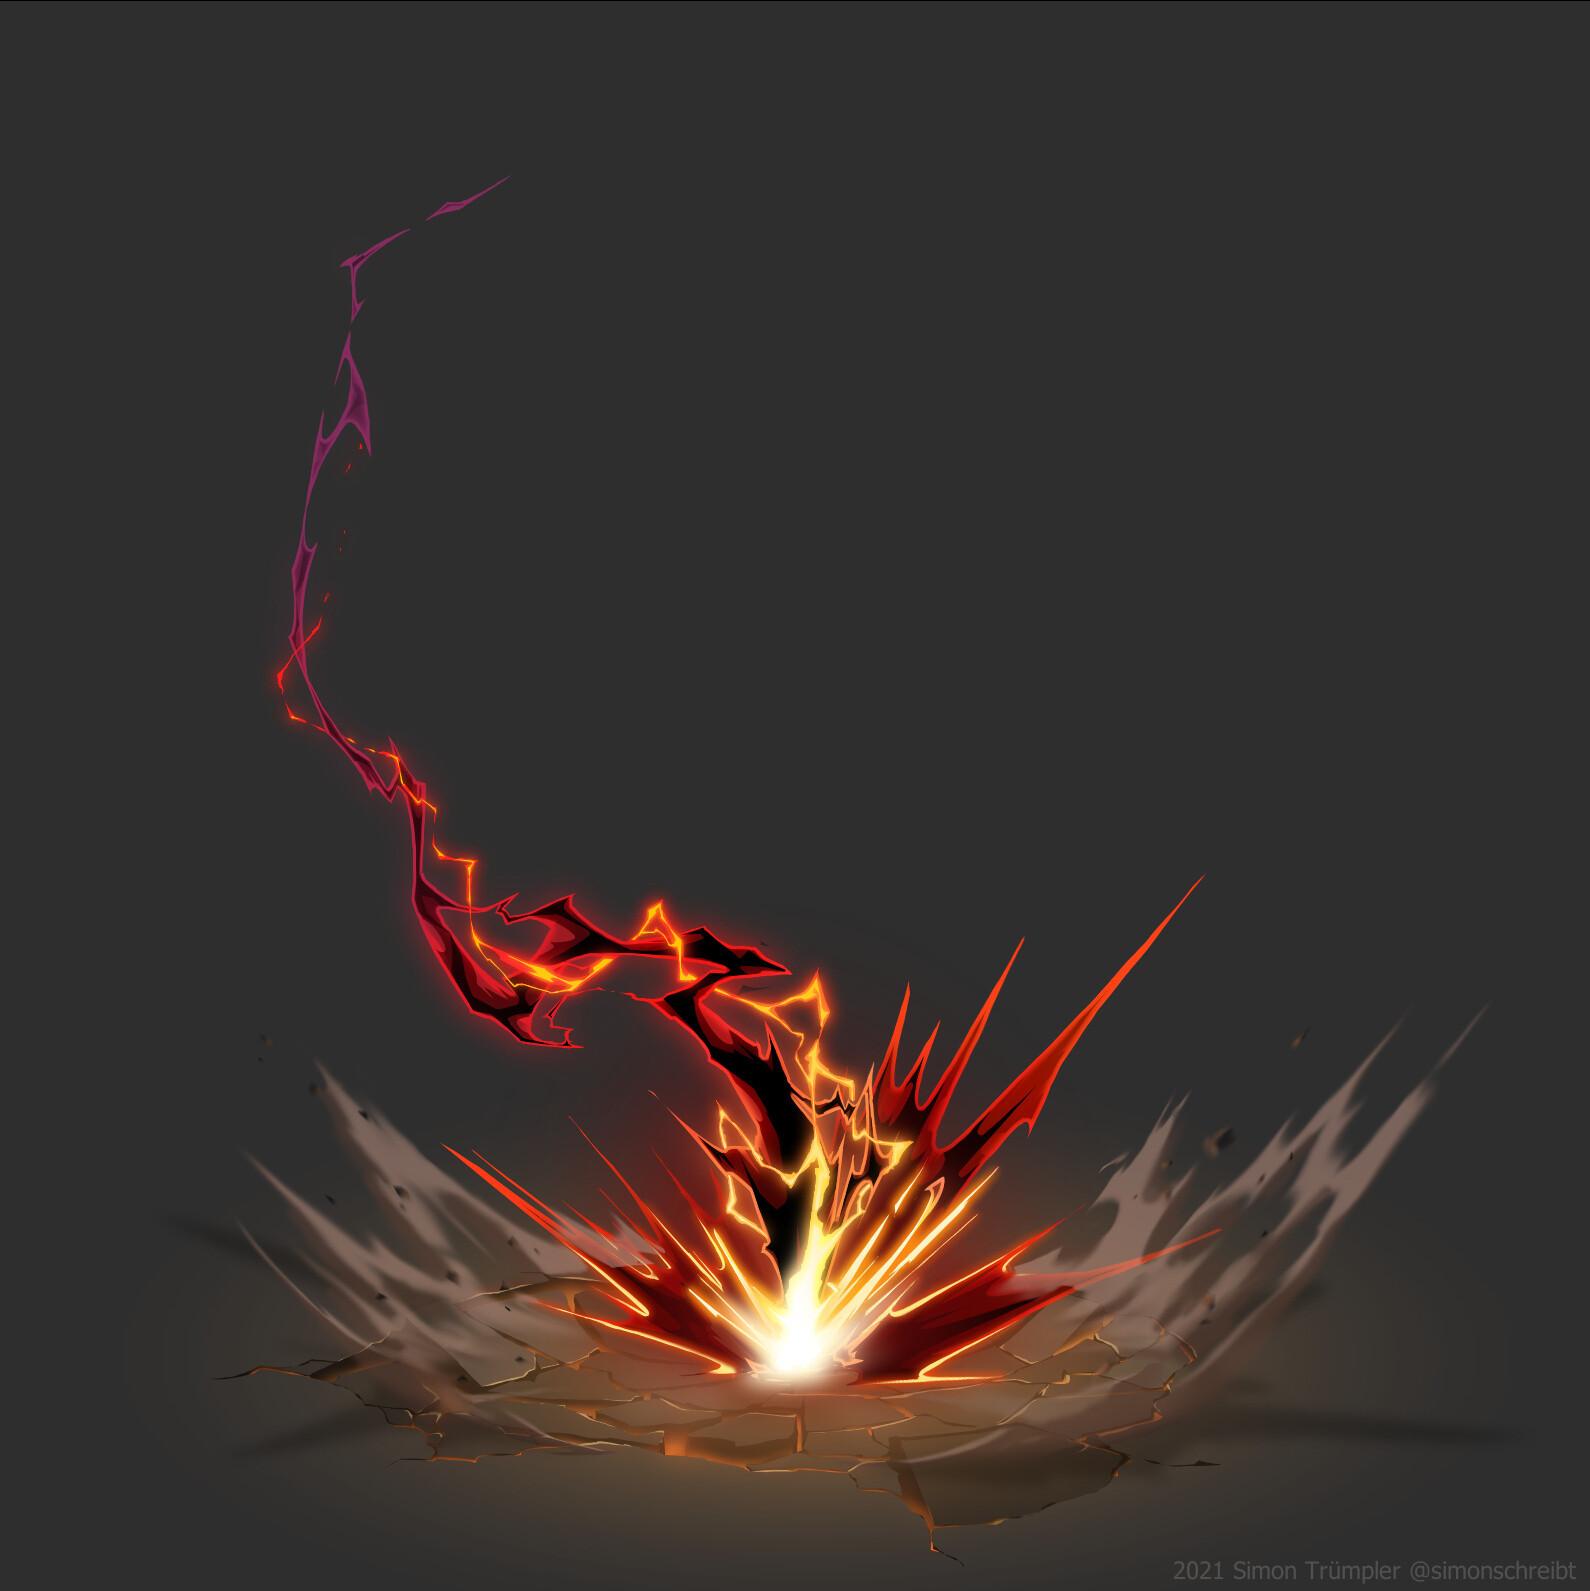 simon-trumpler-lightning-01.jpg